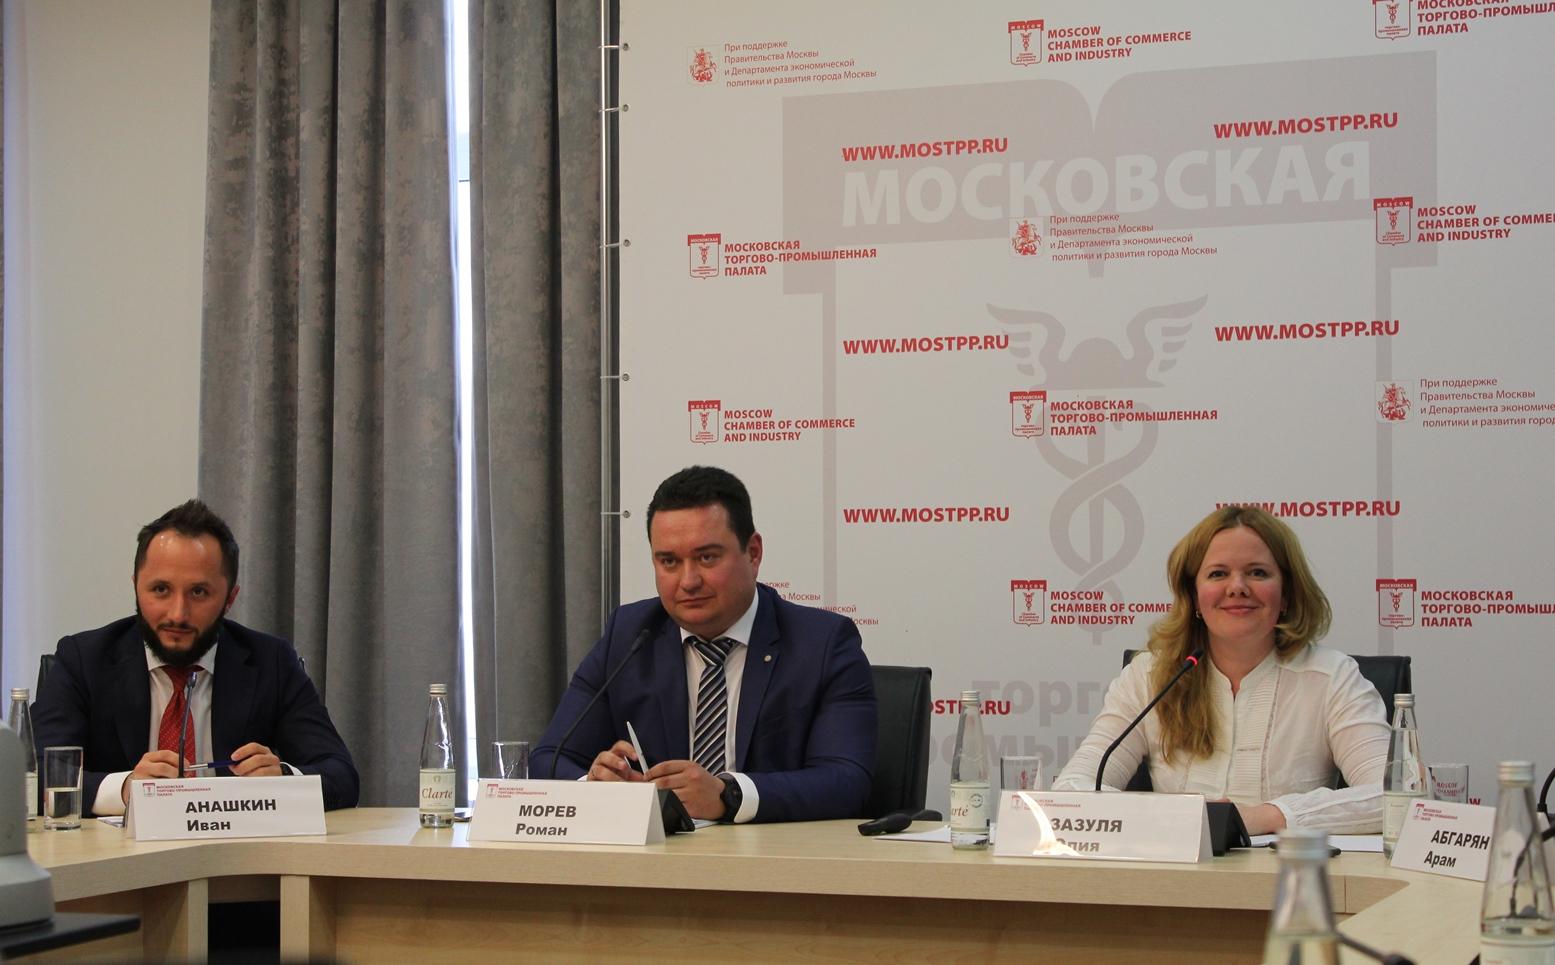 Юлия Зазуля, Председатель Комитета МТПП по налоговой политике и аудиту, управляющий партнер ООО «ЮСТИКОМ»